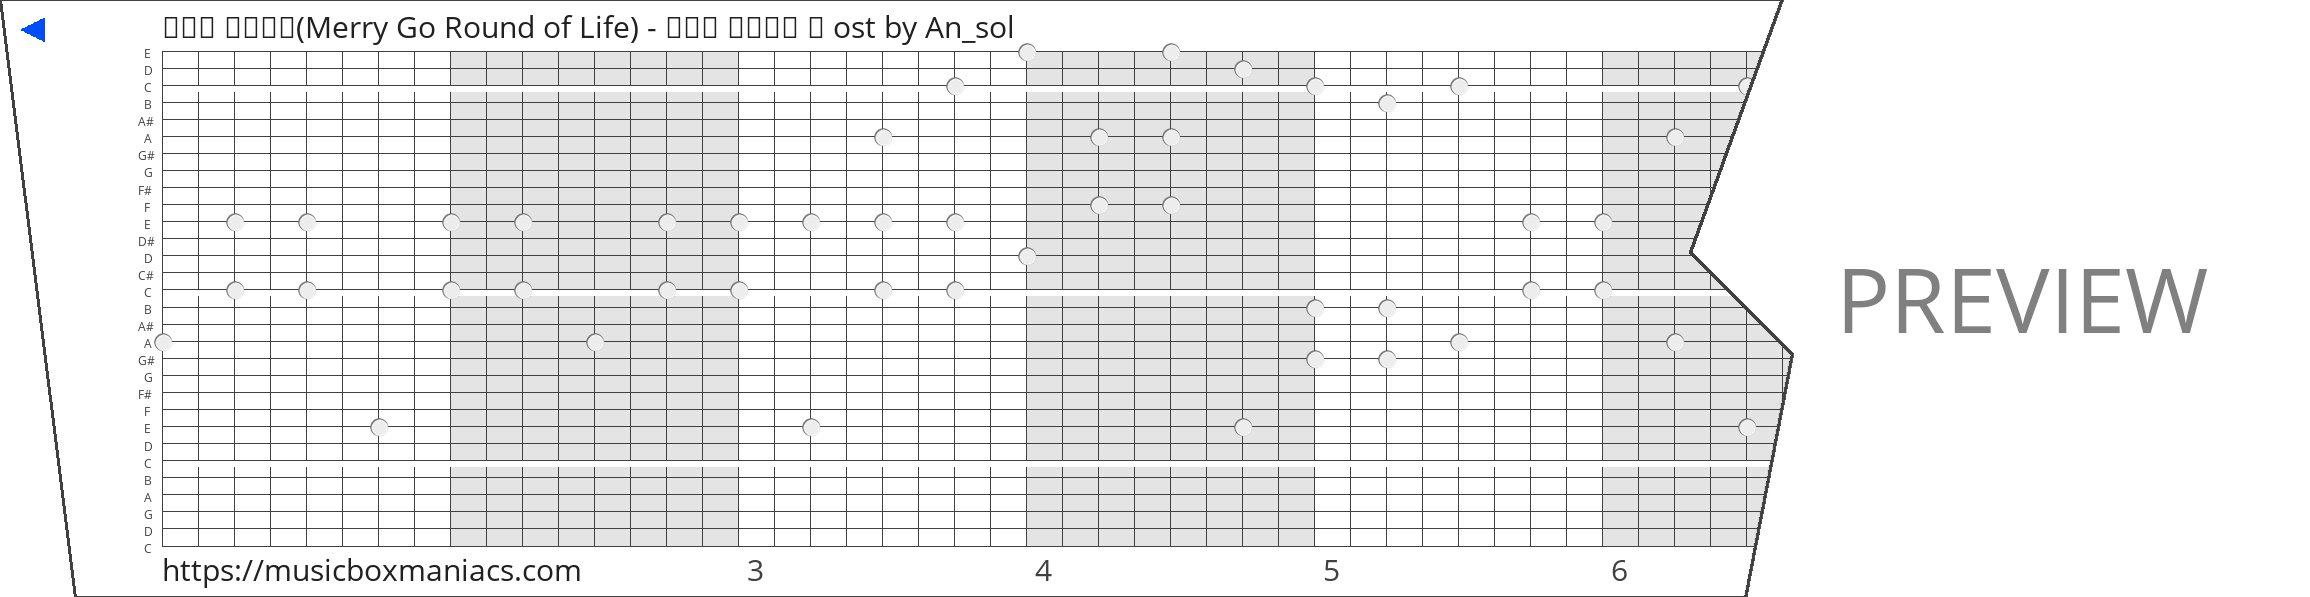 인생의 회전목마(Merry Go Round of Life) - 하울의 움직이는 성 ost 30 note music box paper strip